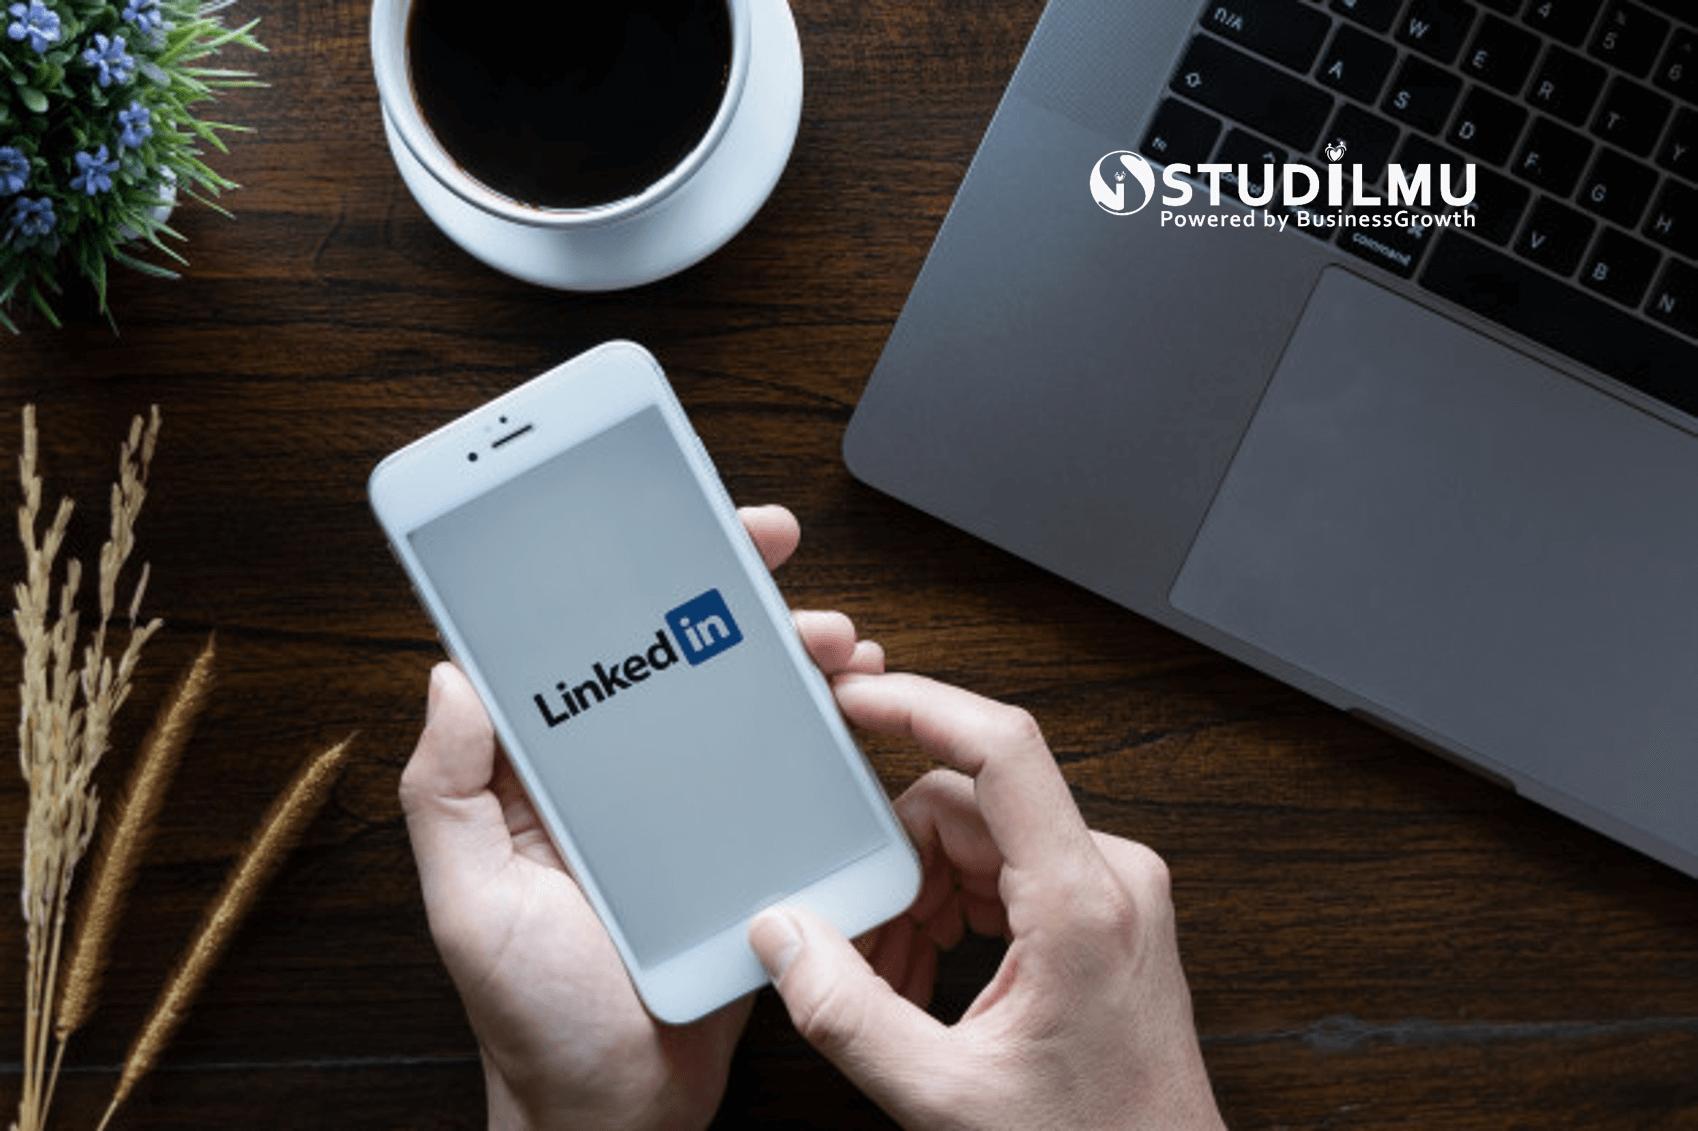 STUDILMU Career Advice - 10 Kiat Memilih Foto Profil LinkedIn yang Tepat